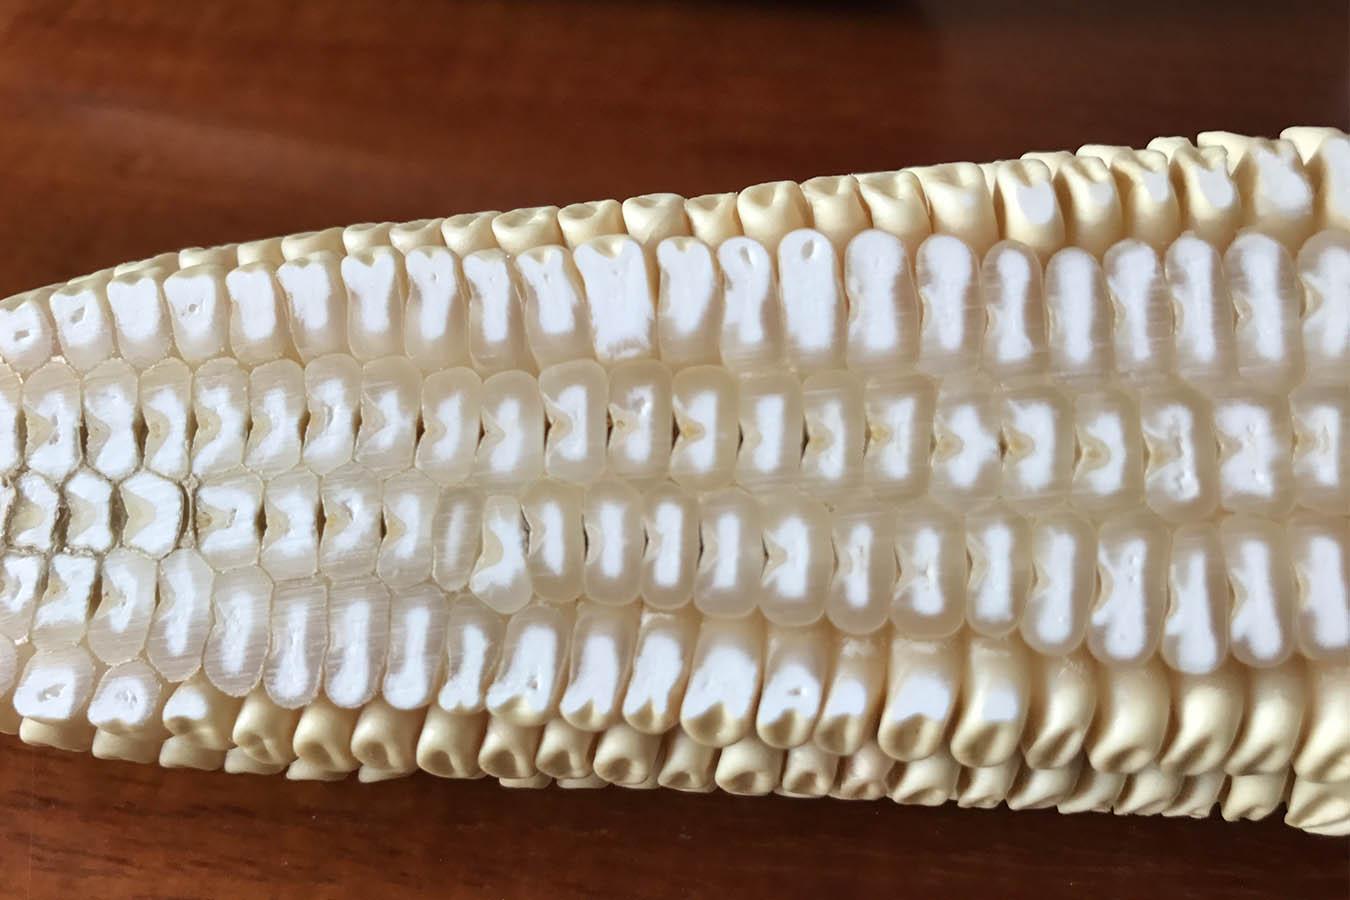 maiz dentado dent corn tipos de maiz maiz criollo maiz mexicano semillas de maiz tipos de granos de maiz